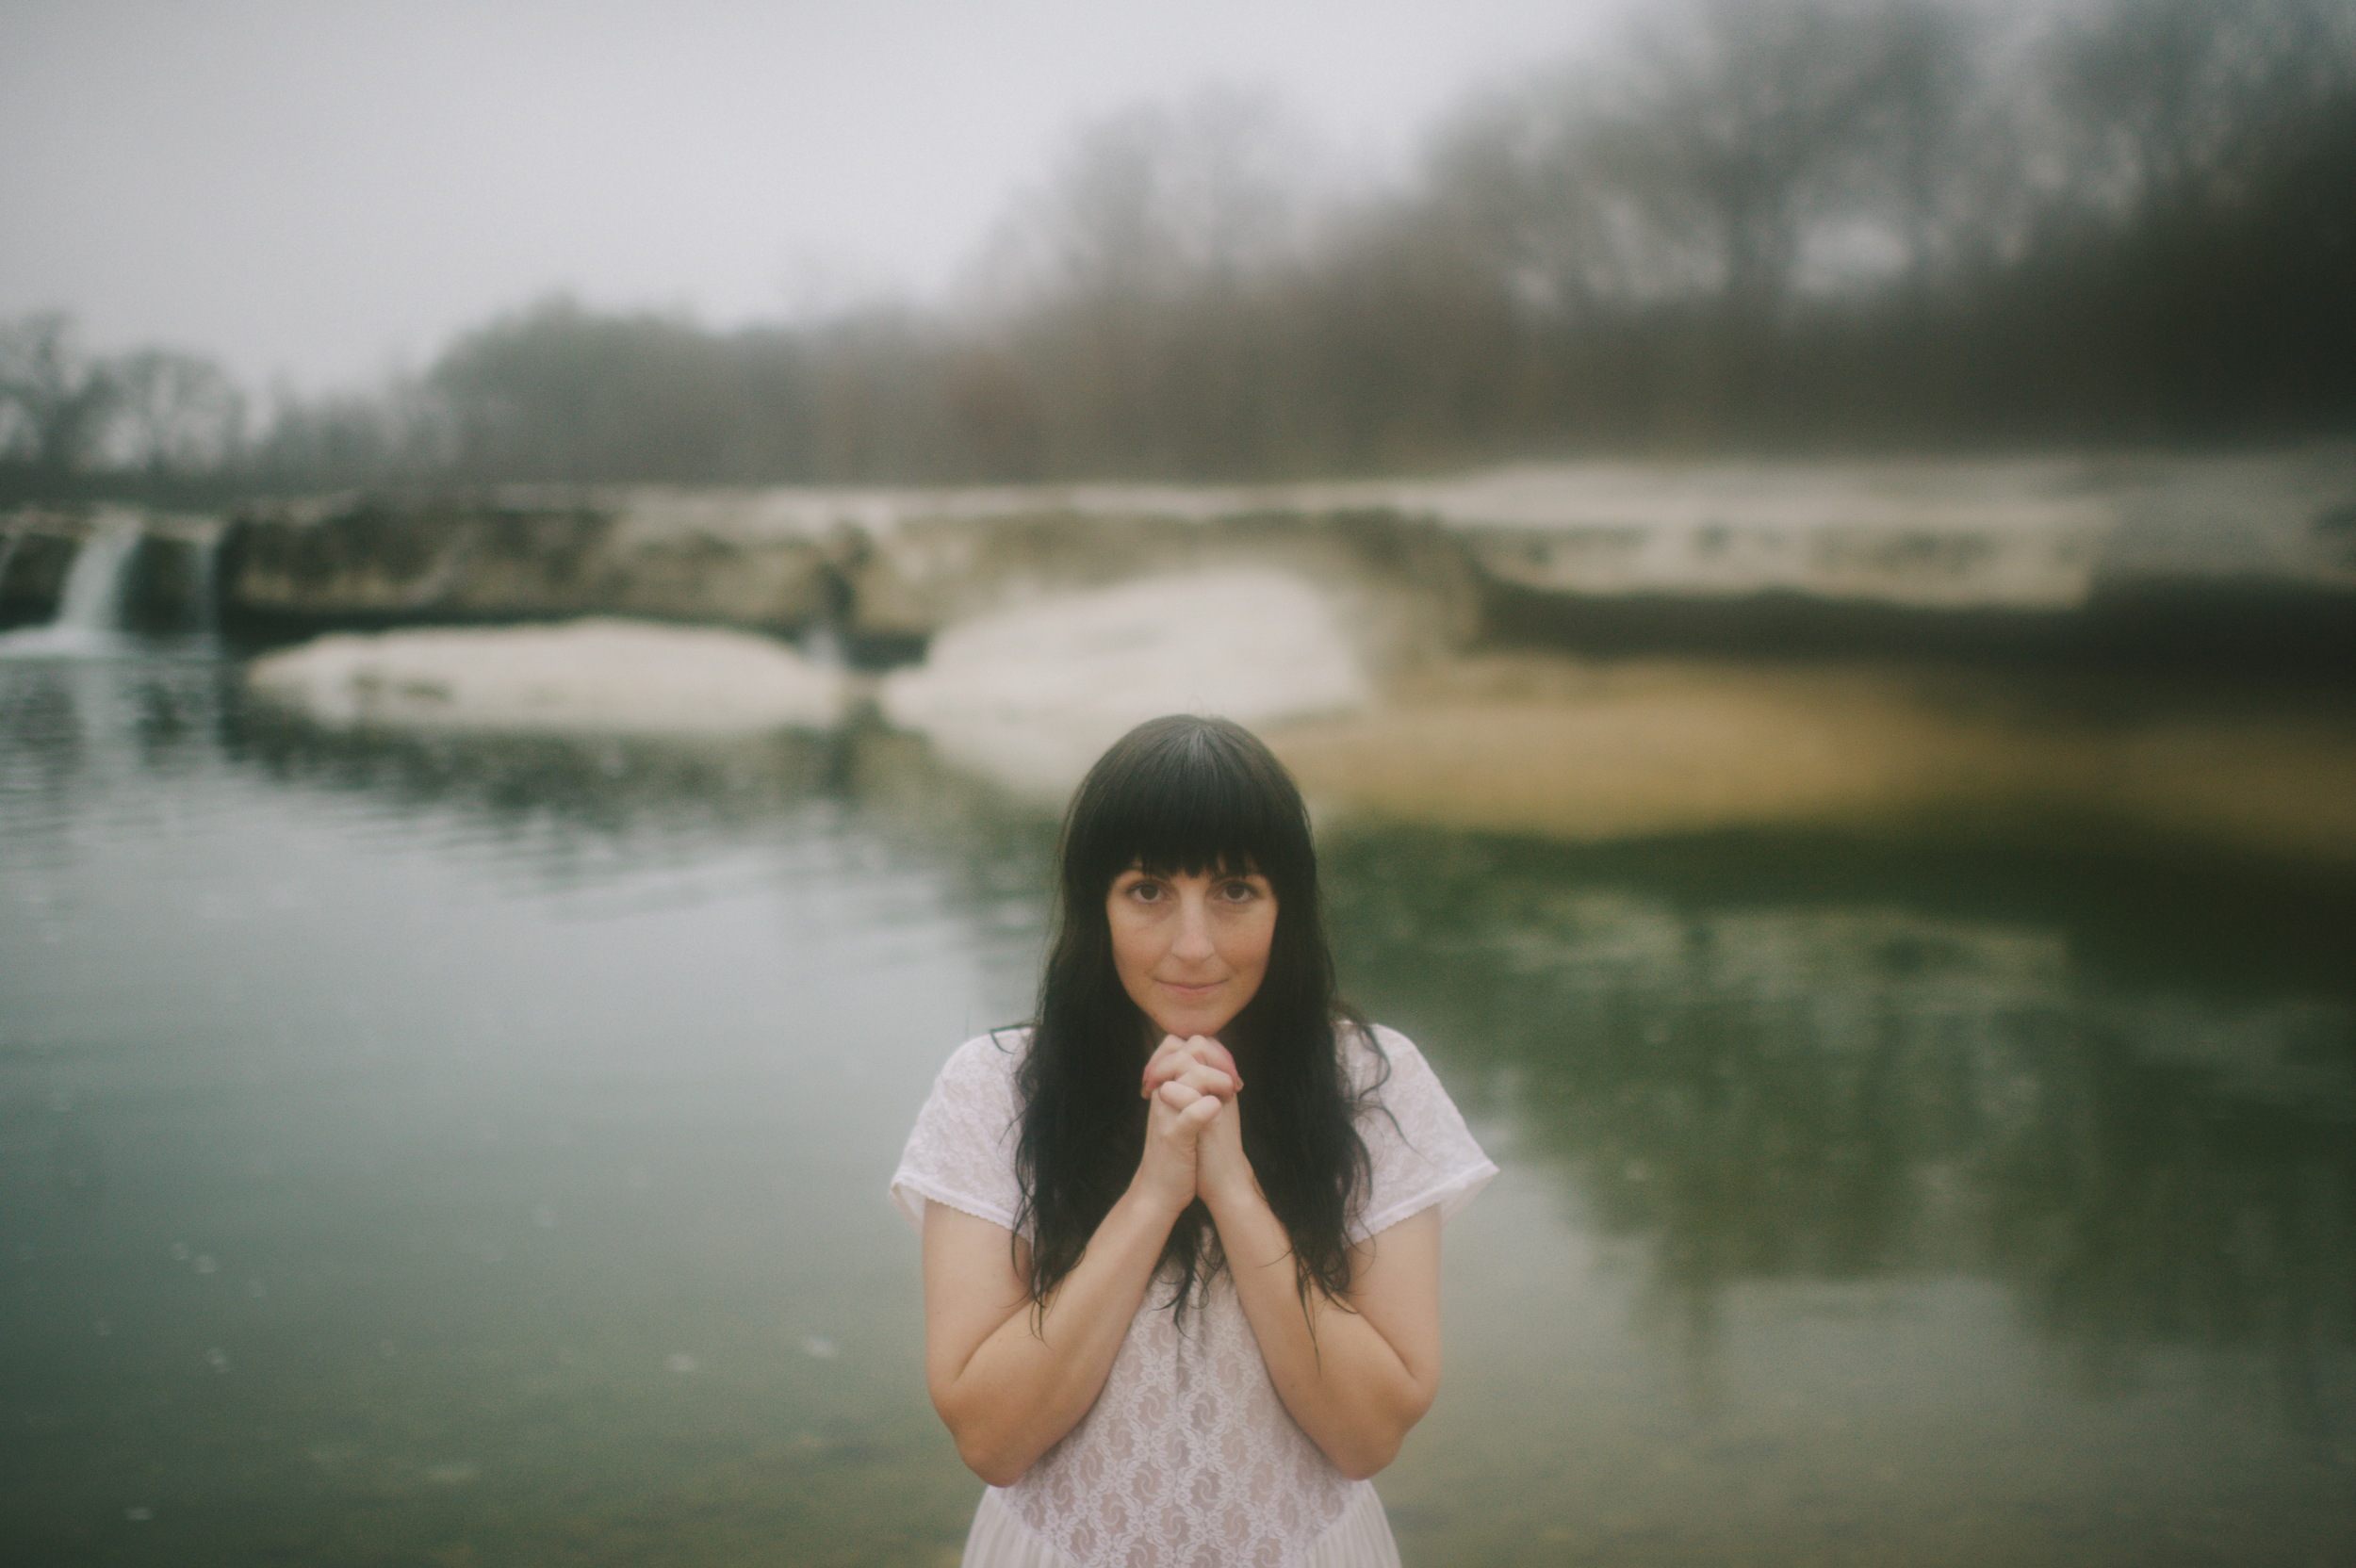 river-story-joy-gardella162.JPG